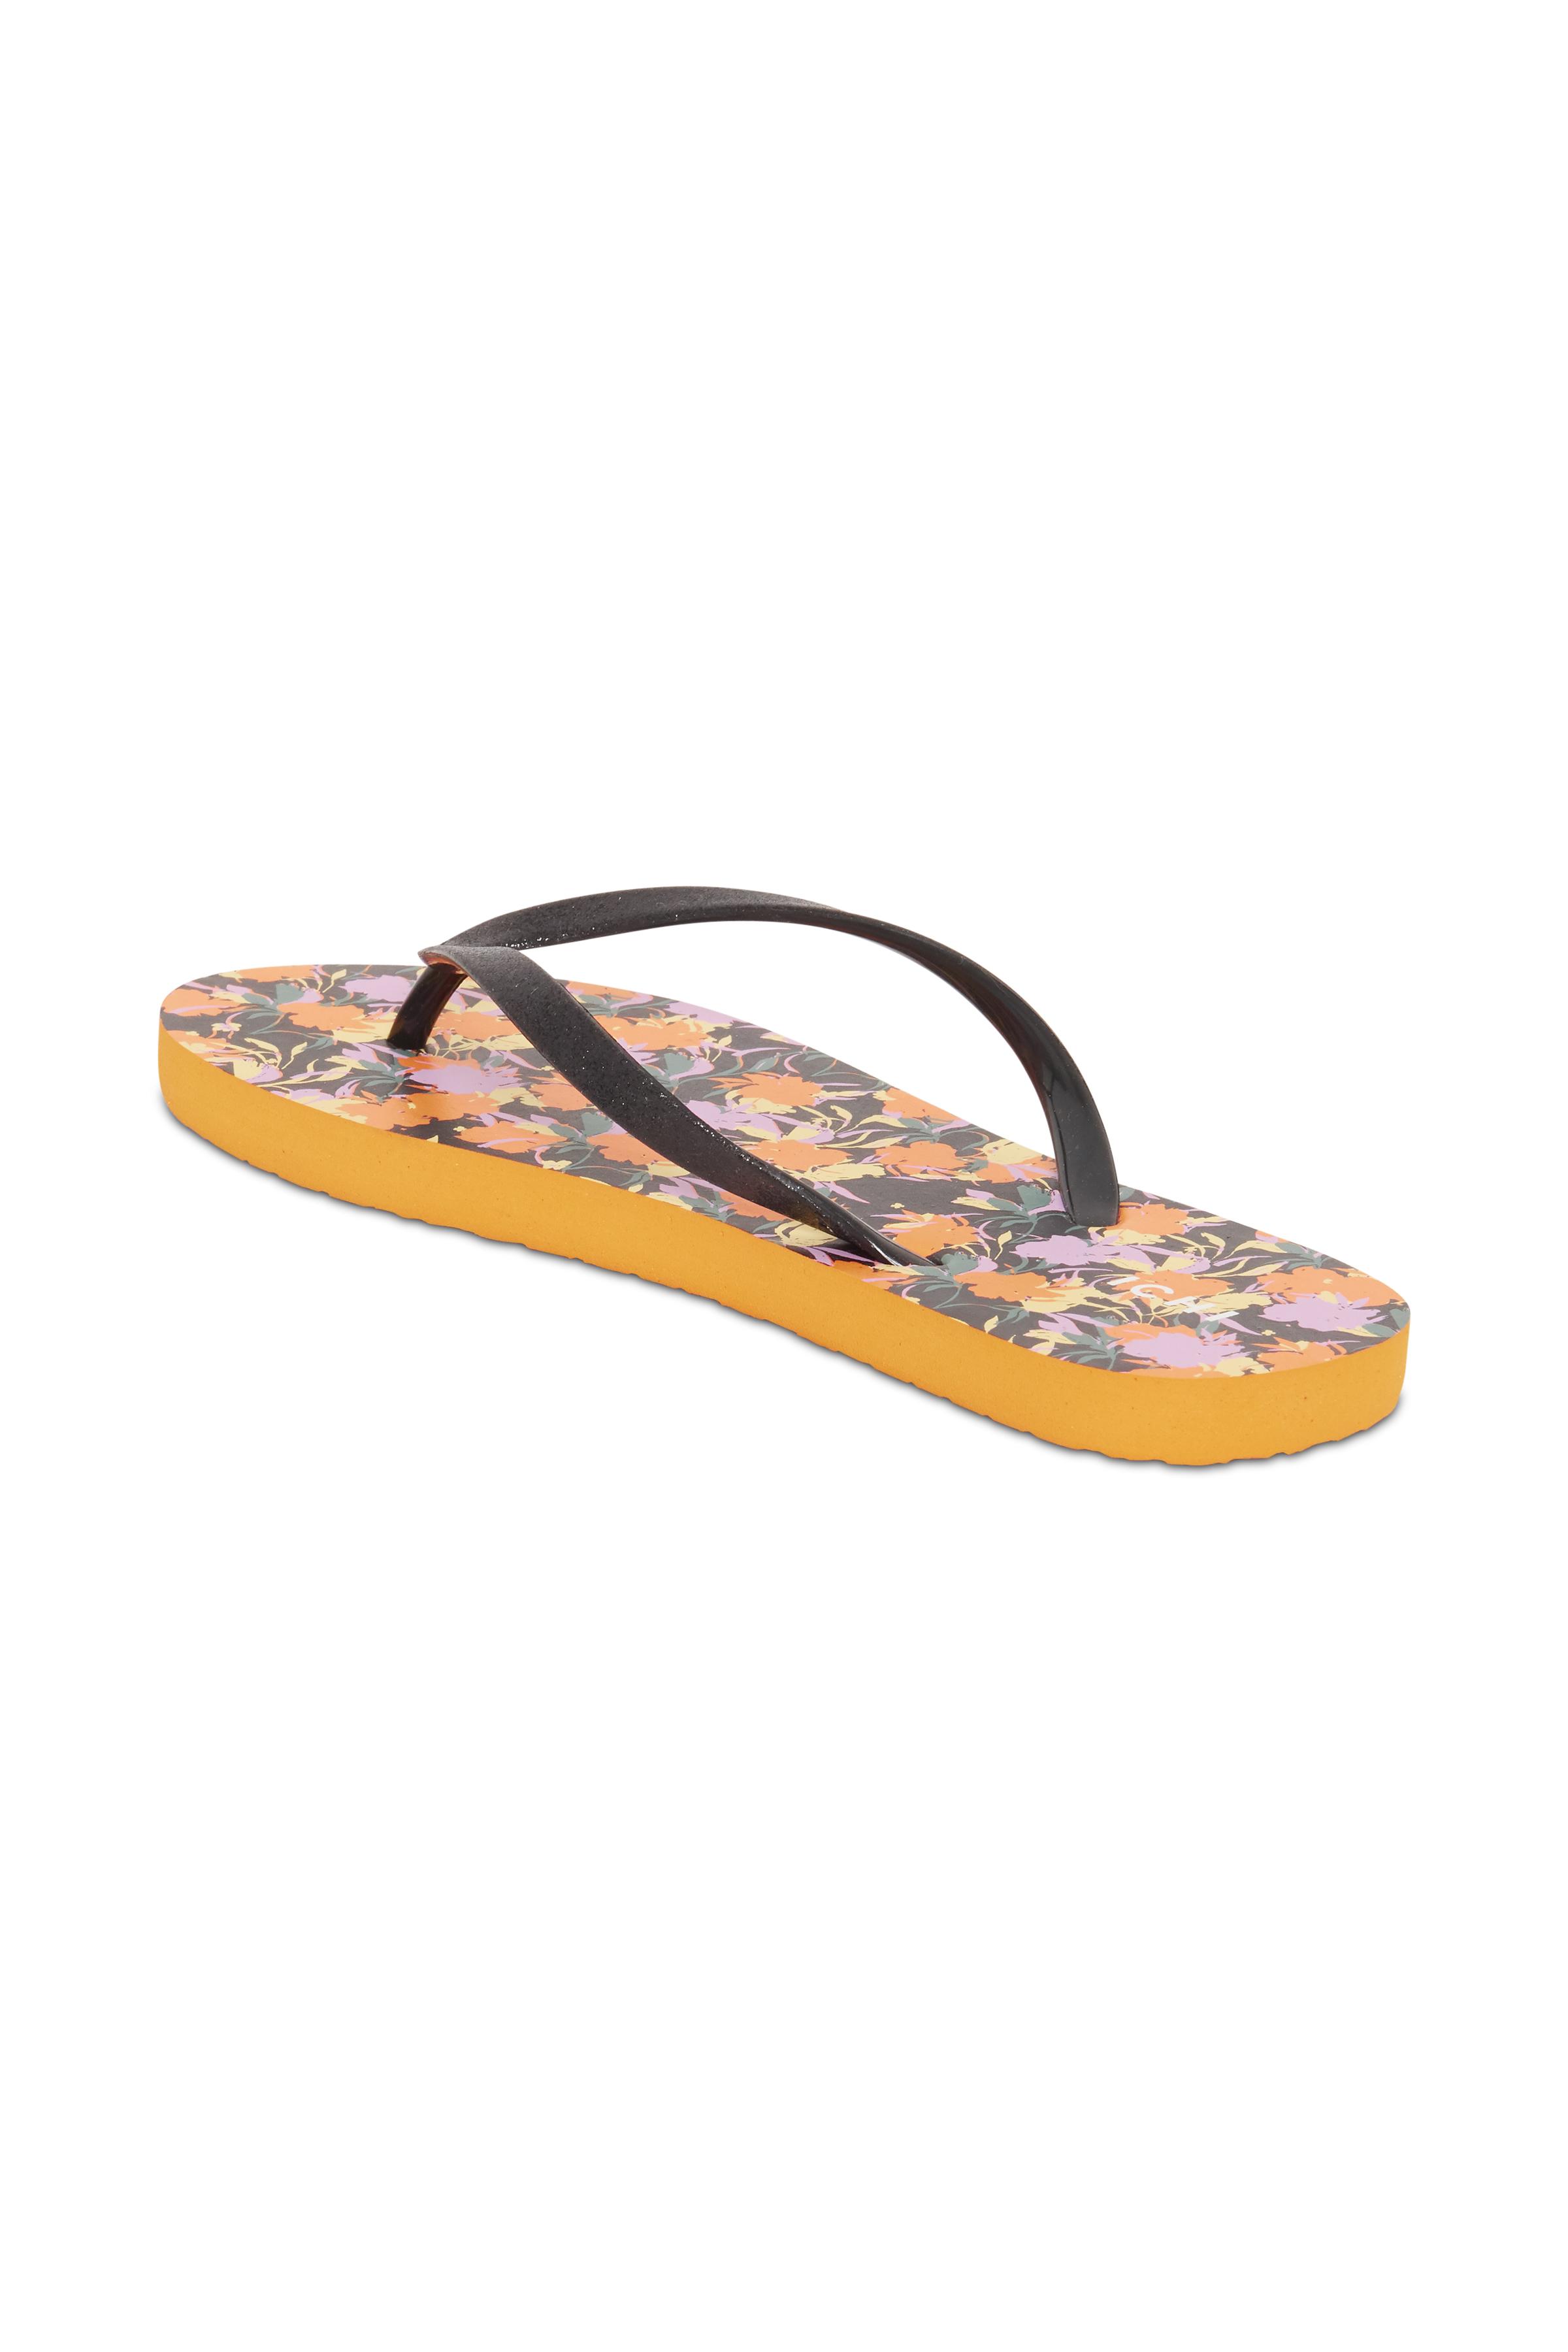 Russet Orange Shoe fra Ichi - accessories – Køb Russet Orange Shoe fra str. 36/37-40/41 her